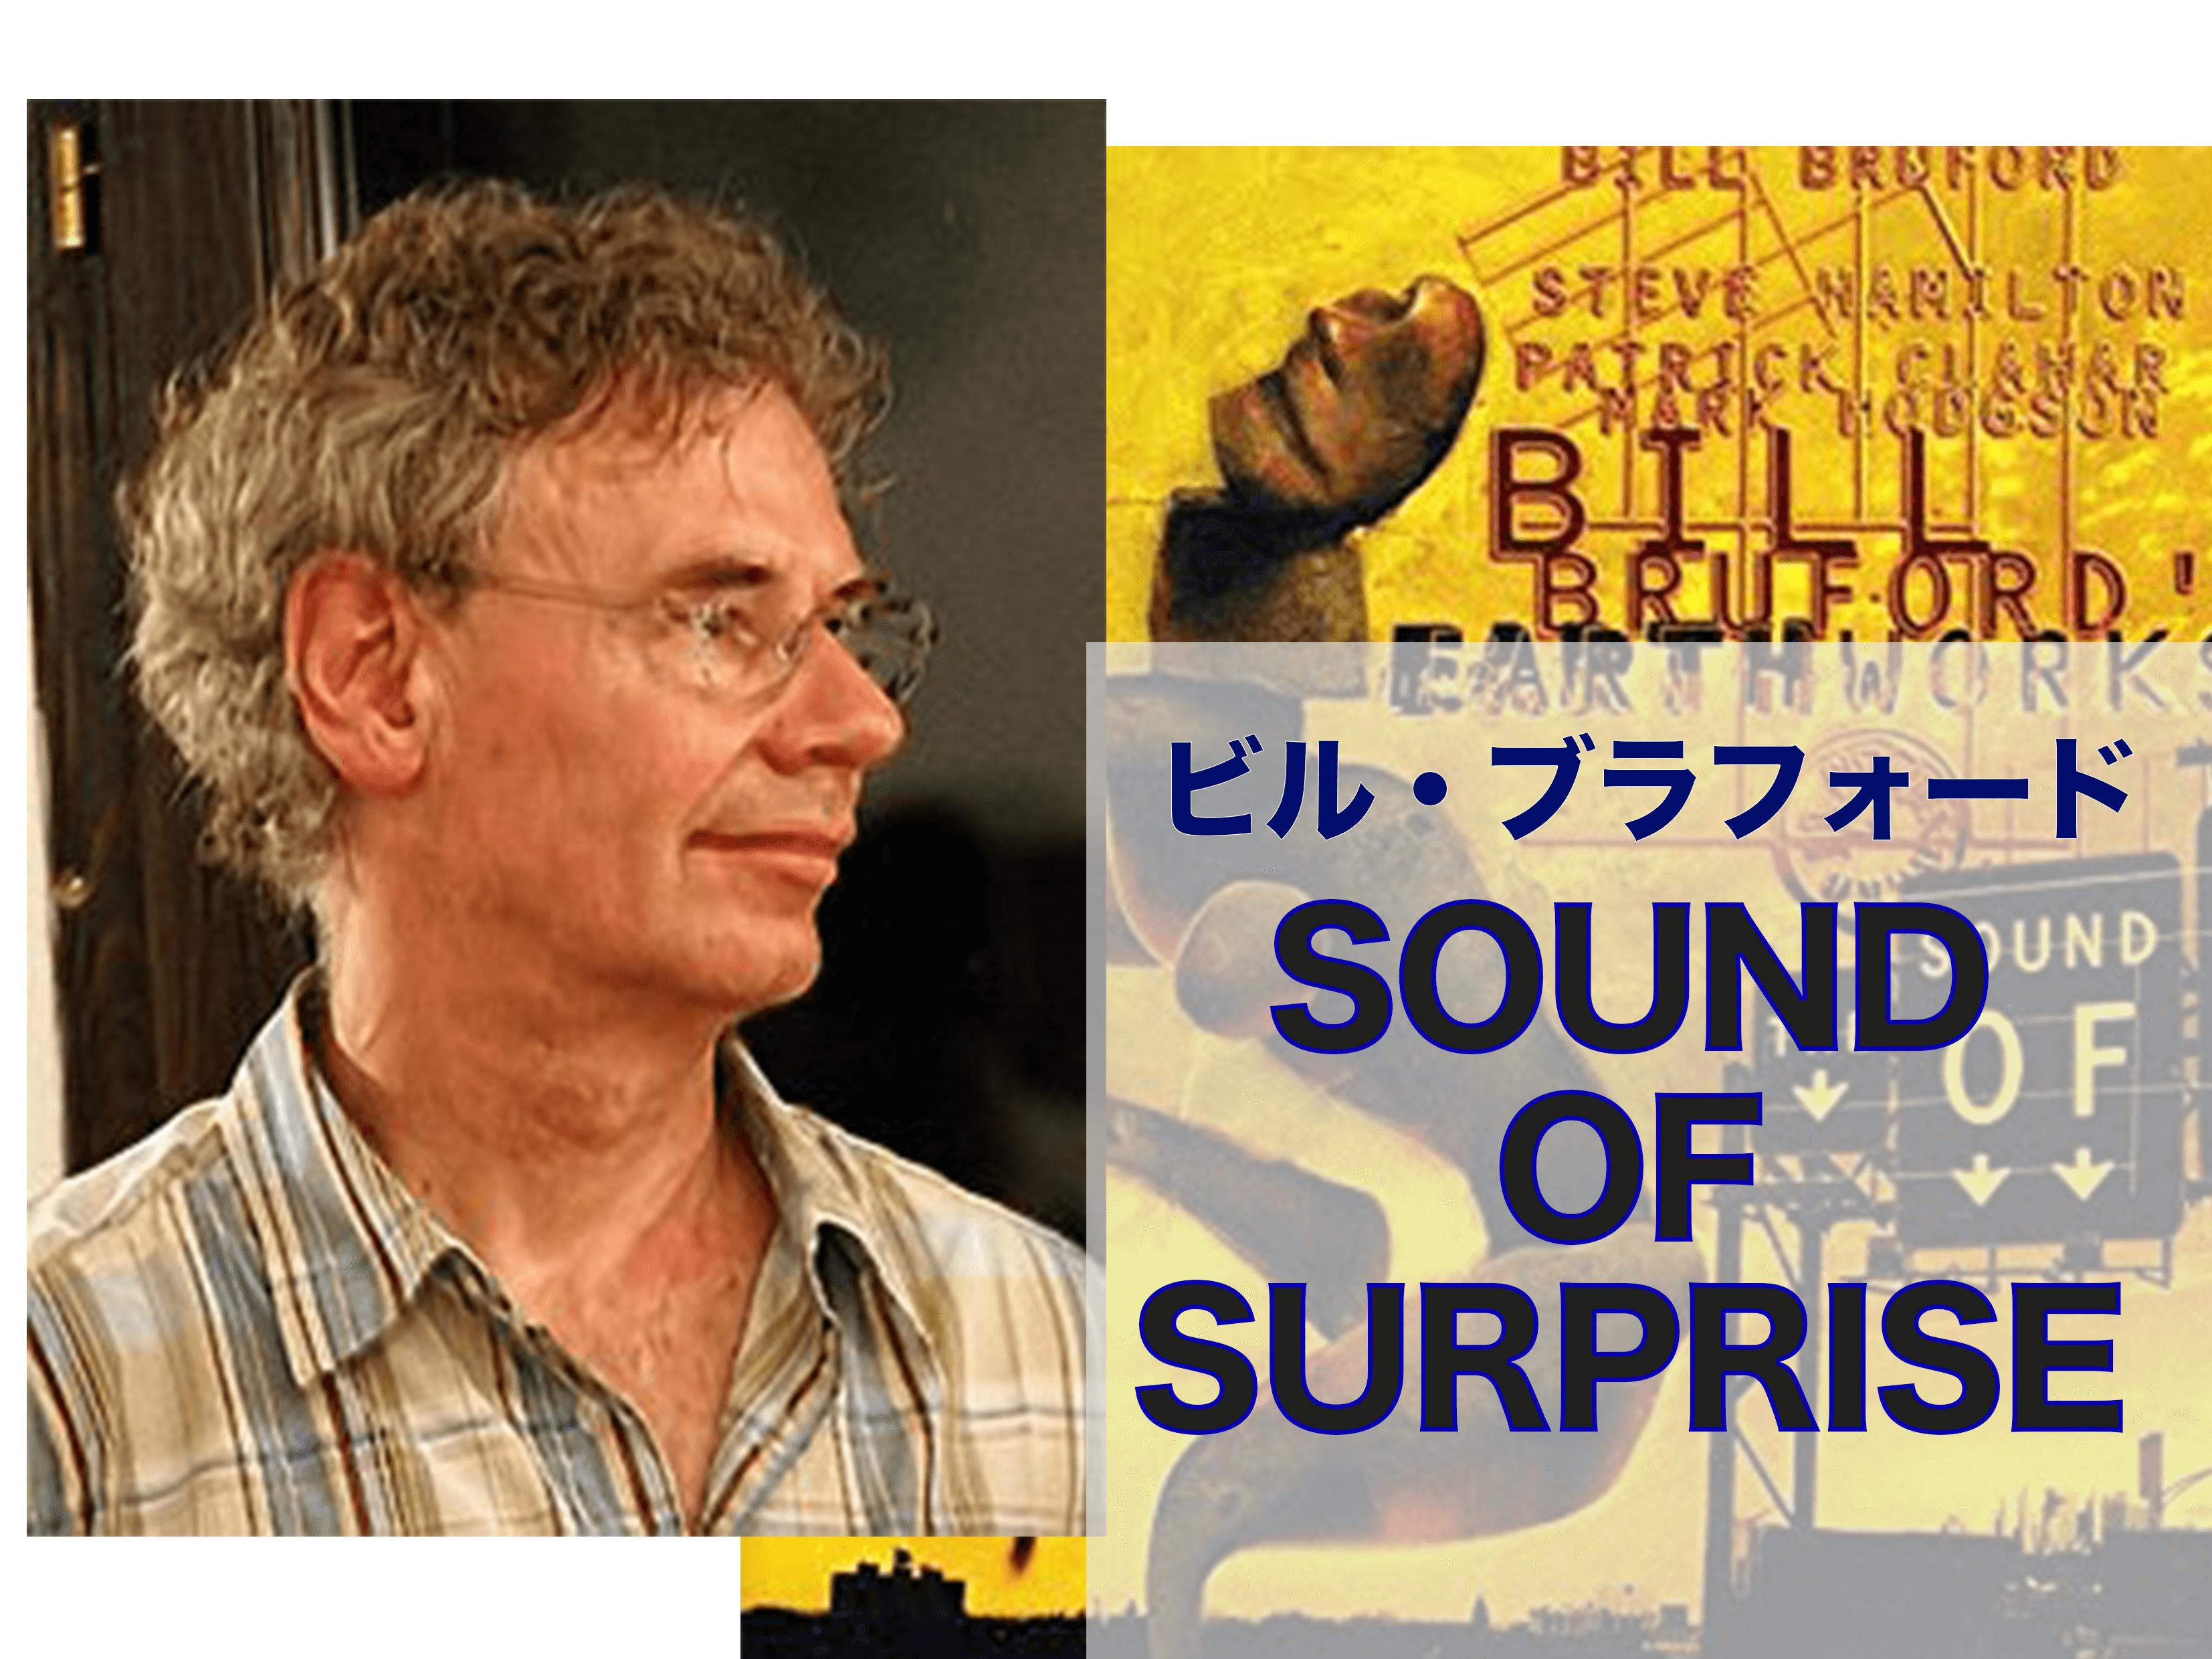 ビル・ブラフォード/アルバム/おすすめ/アースワークス/king crimson